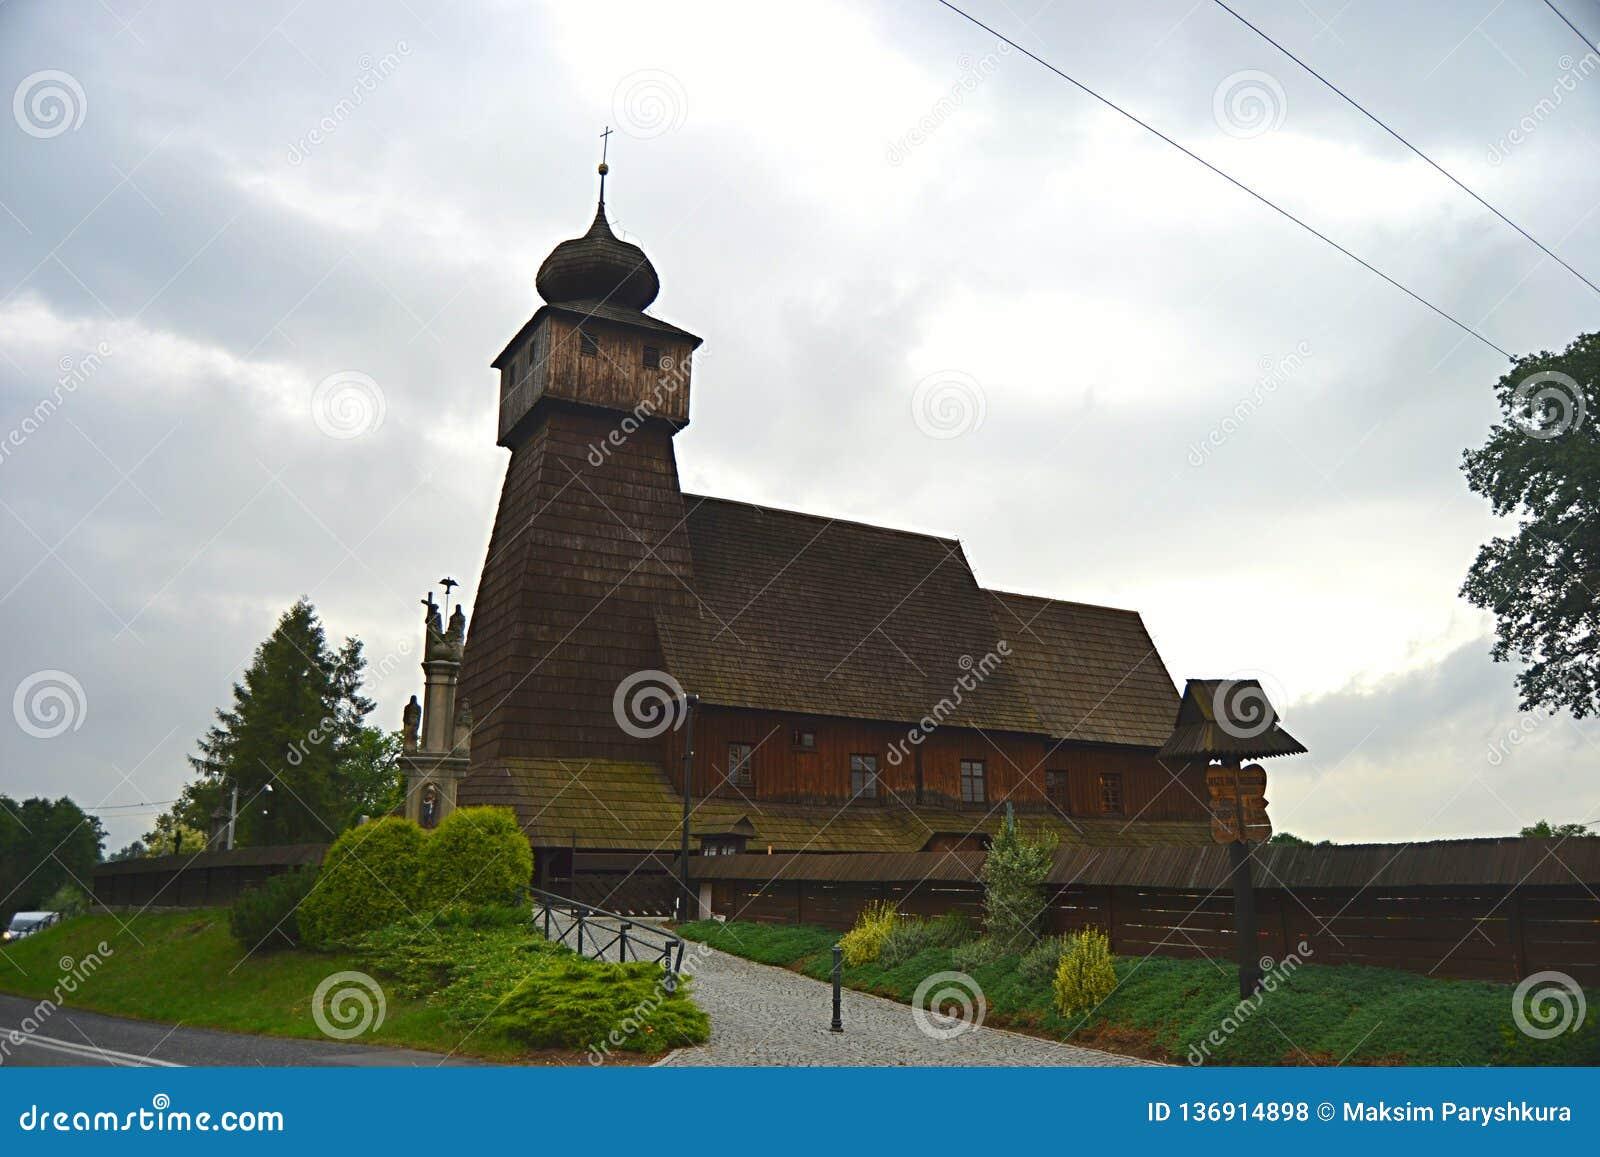 Polen, Wisla Mala, catolic tempel, houten kerk, toerisme,